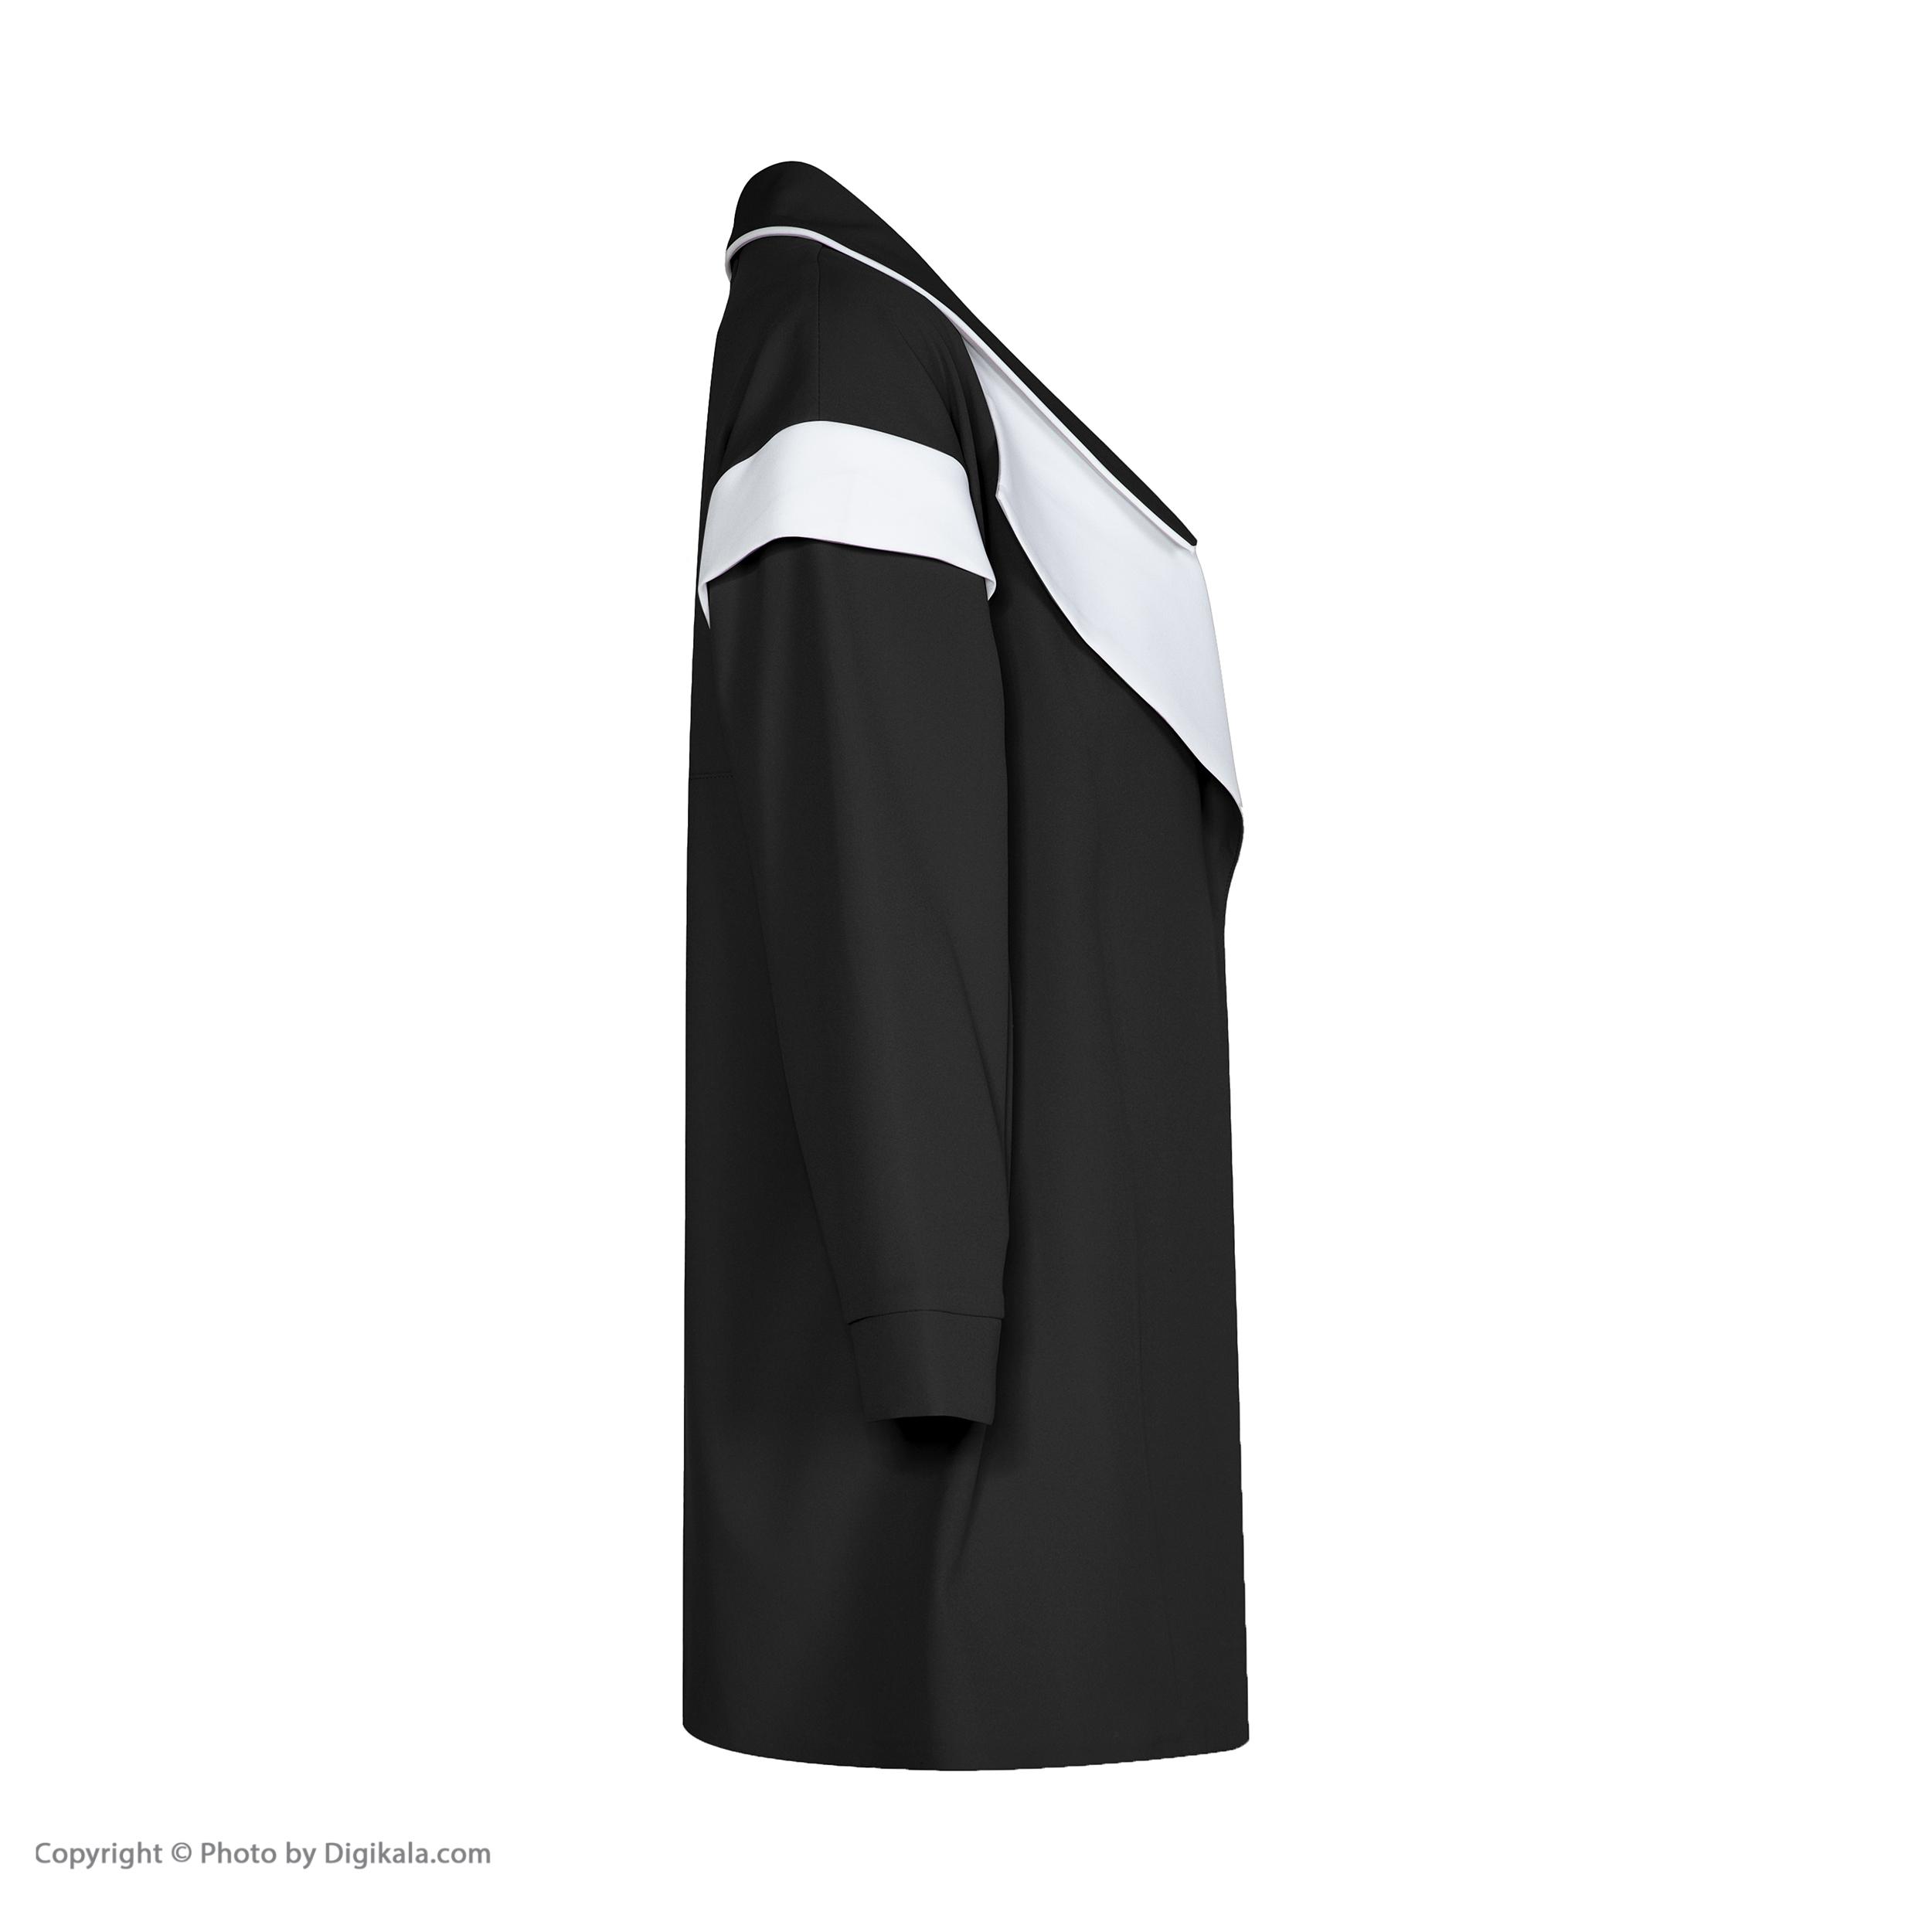 کت زنانه نیزل مدل P028001002100073-002